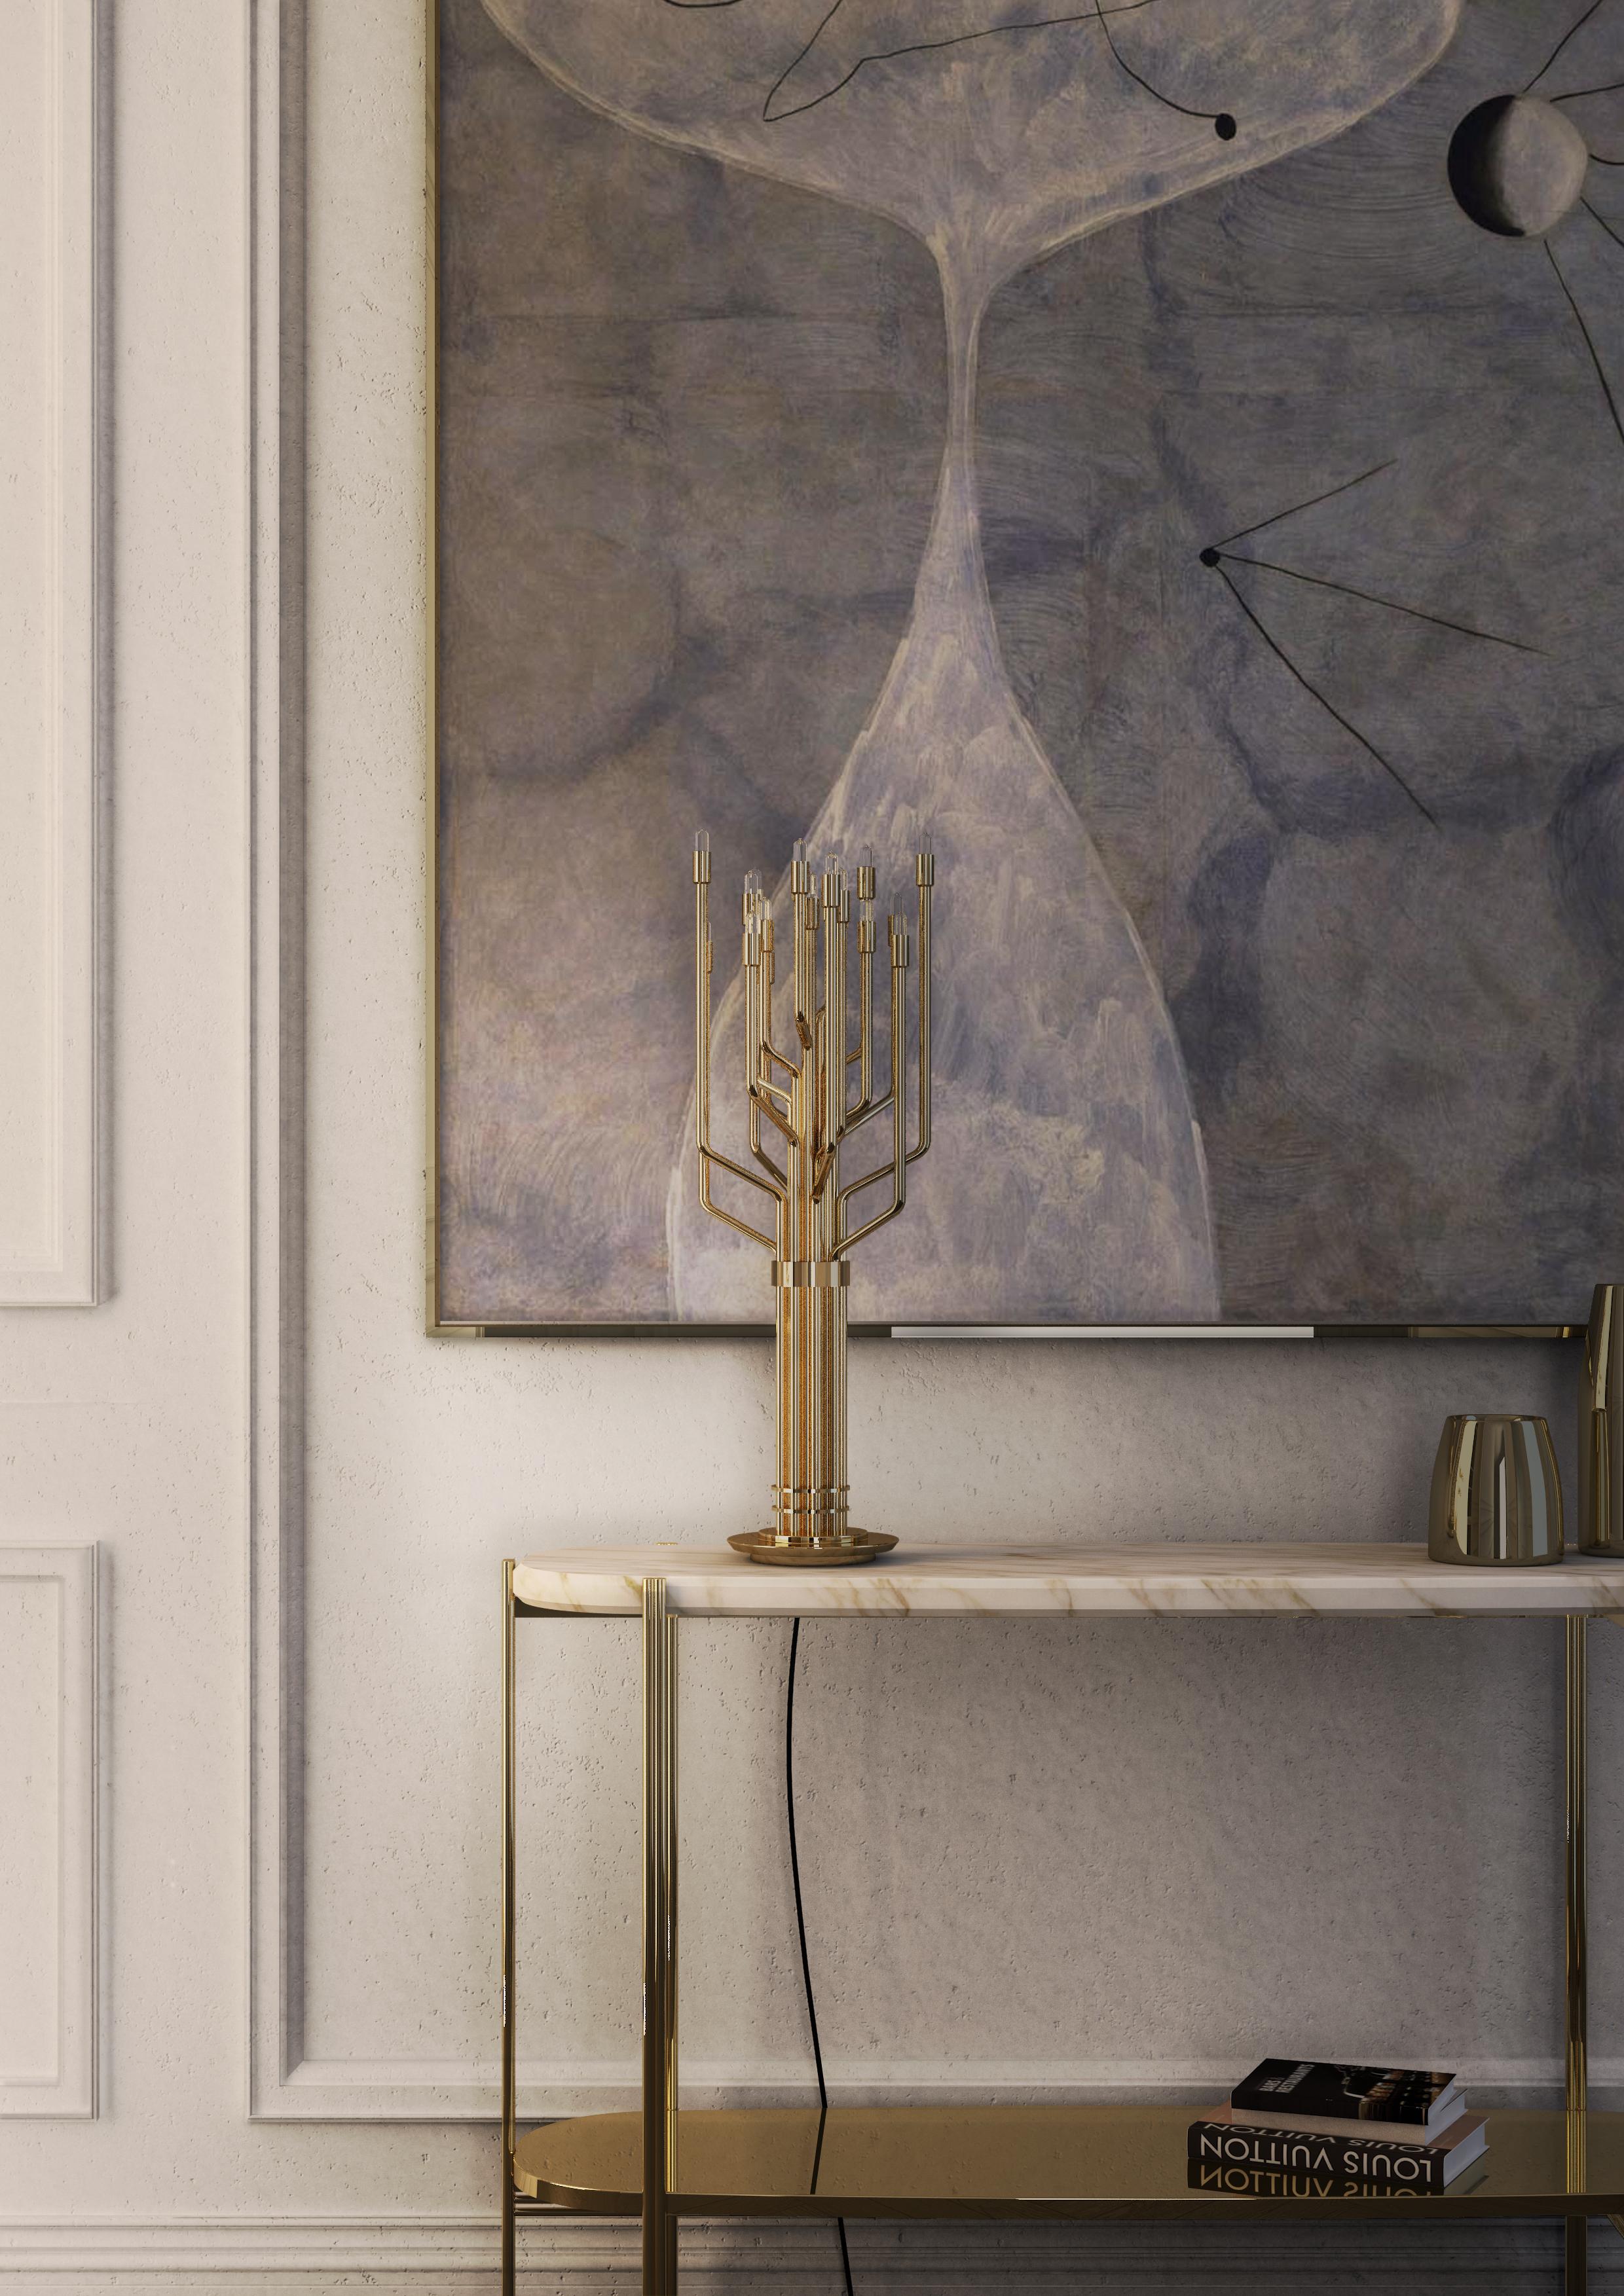 Украсьте свой новогодний интерьер уникальными золотыми светильниками бренд Украсьте свой новогодний интерьер уникальными золотыми светильниками janis table ambience 01 HR